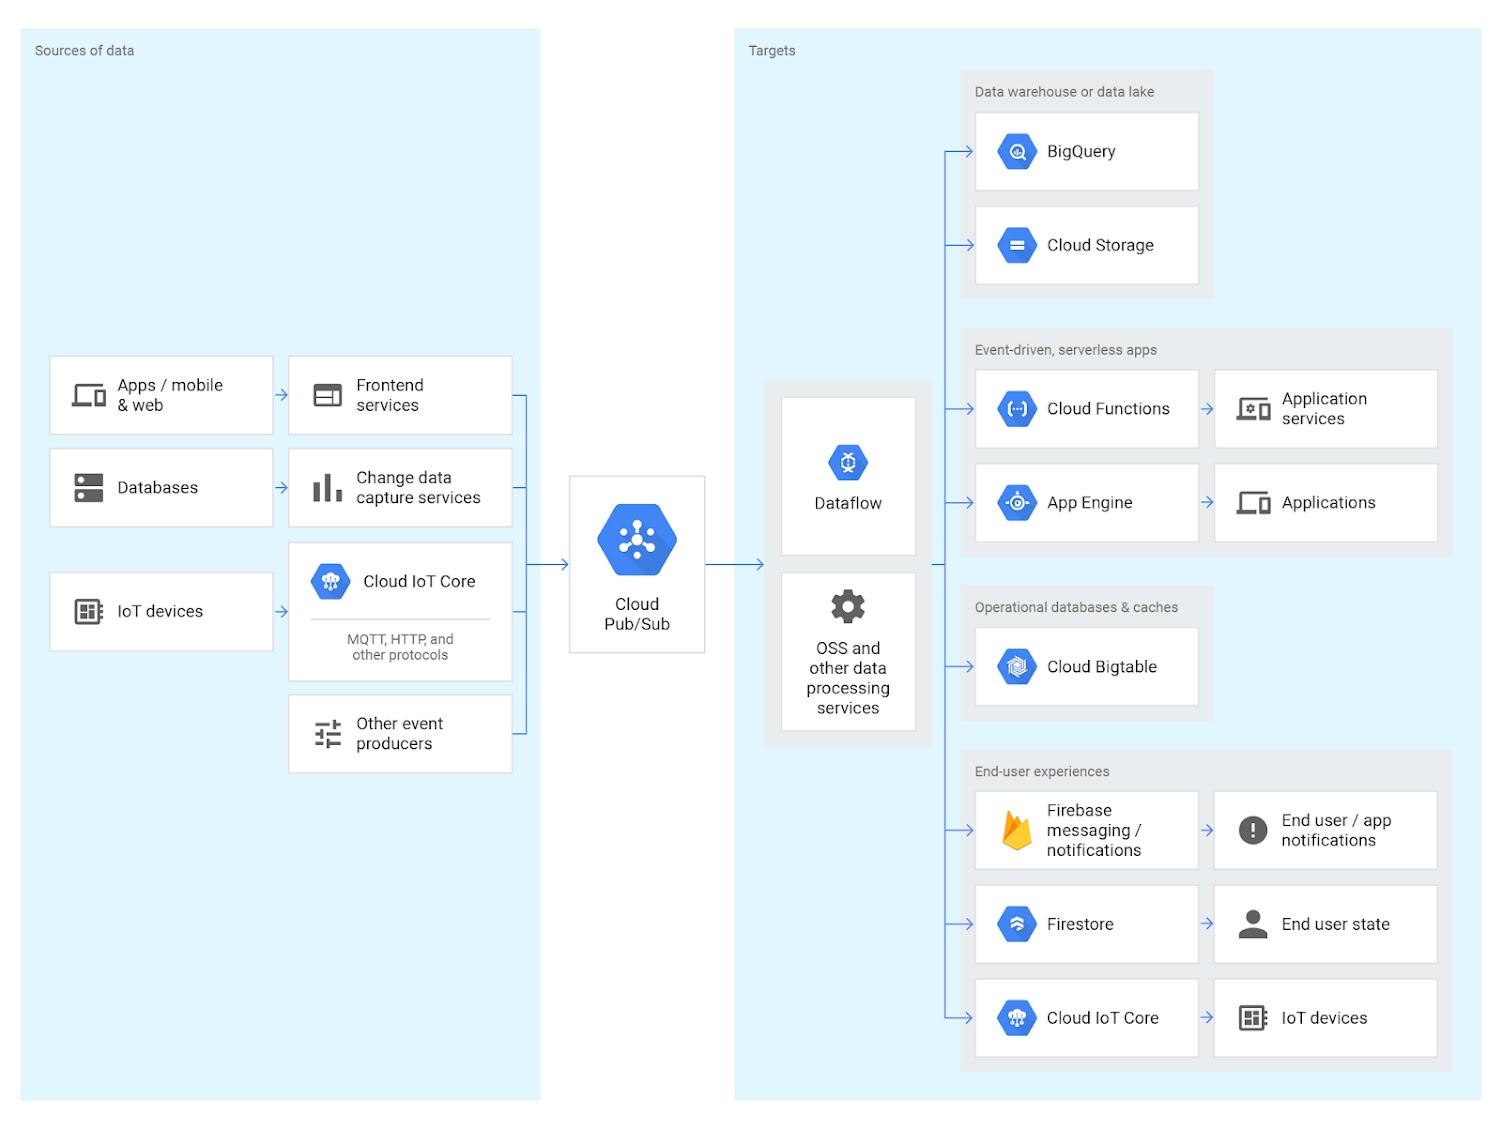 Google Cloud Platform Services